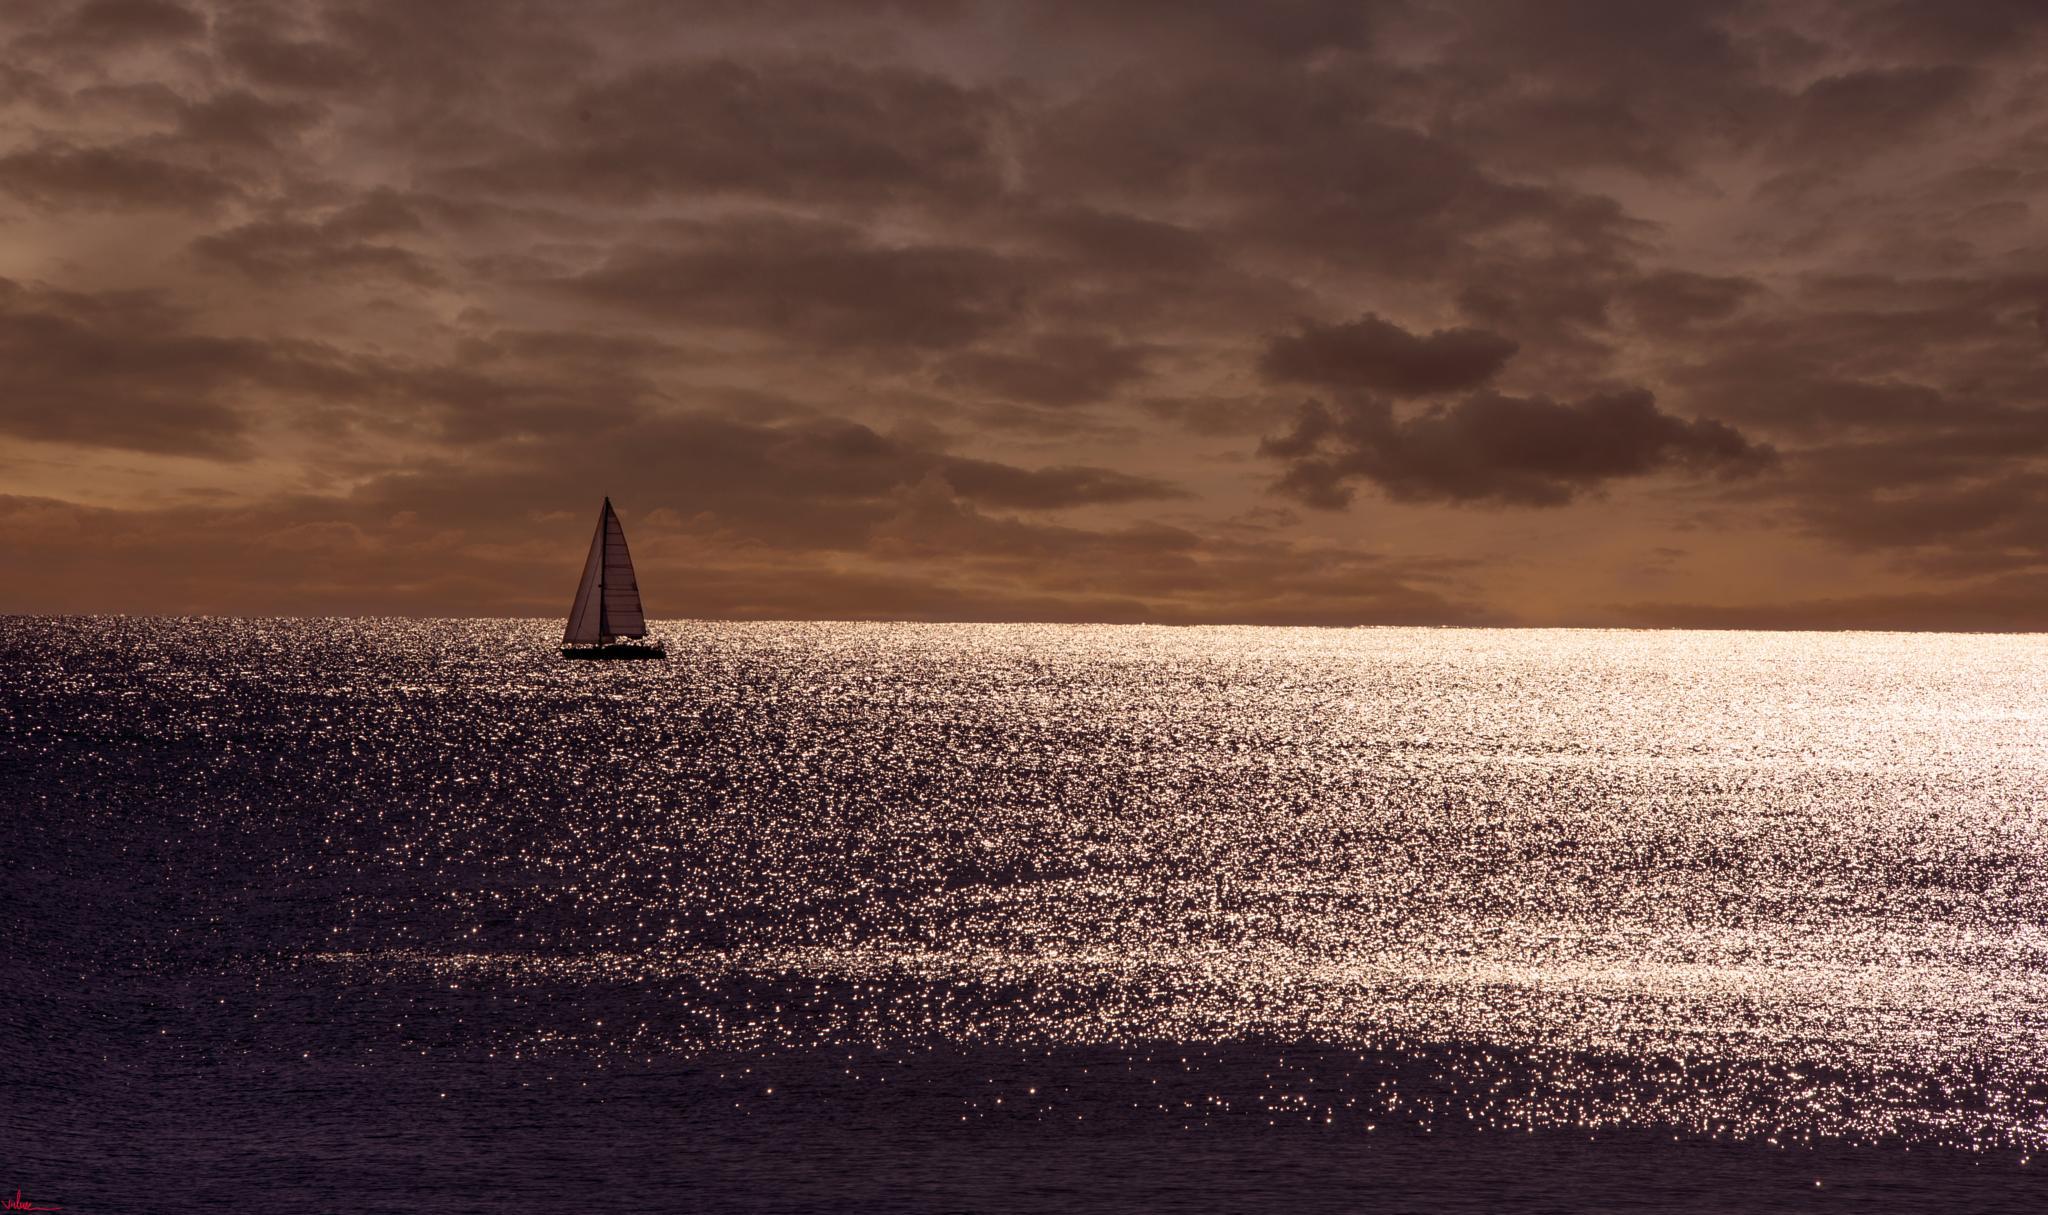 Sunset in Alicante by Viktor Stefanov